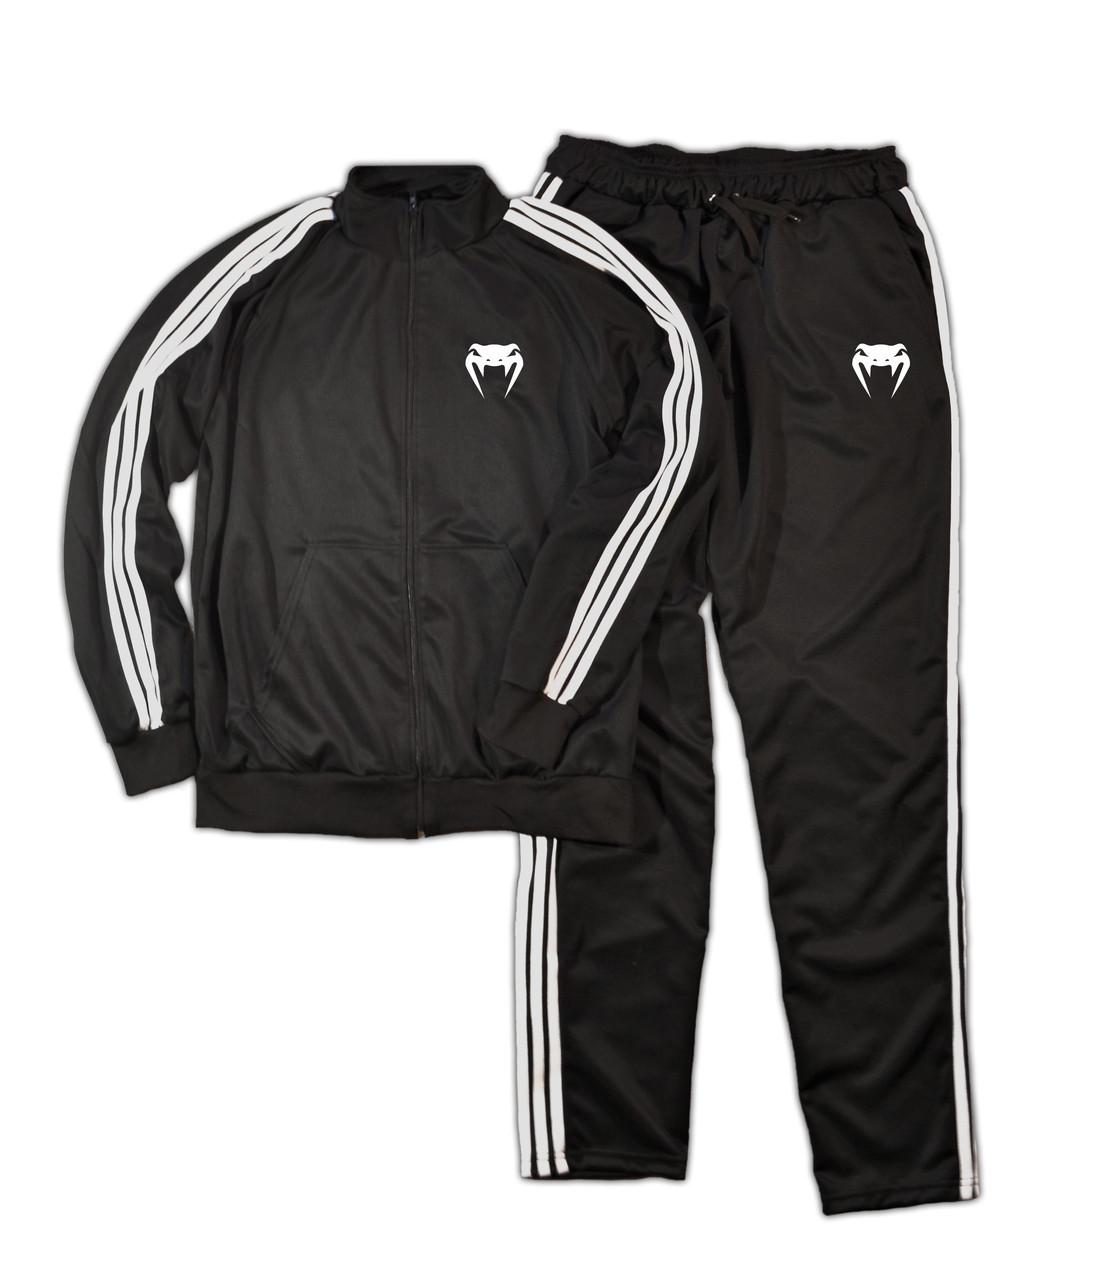 Чоловічий спортивний костюм для тренувань Venum (Венум)